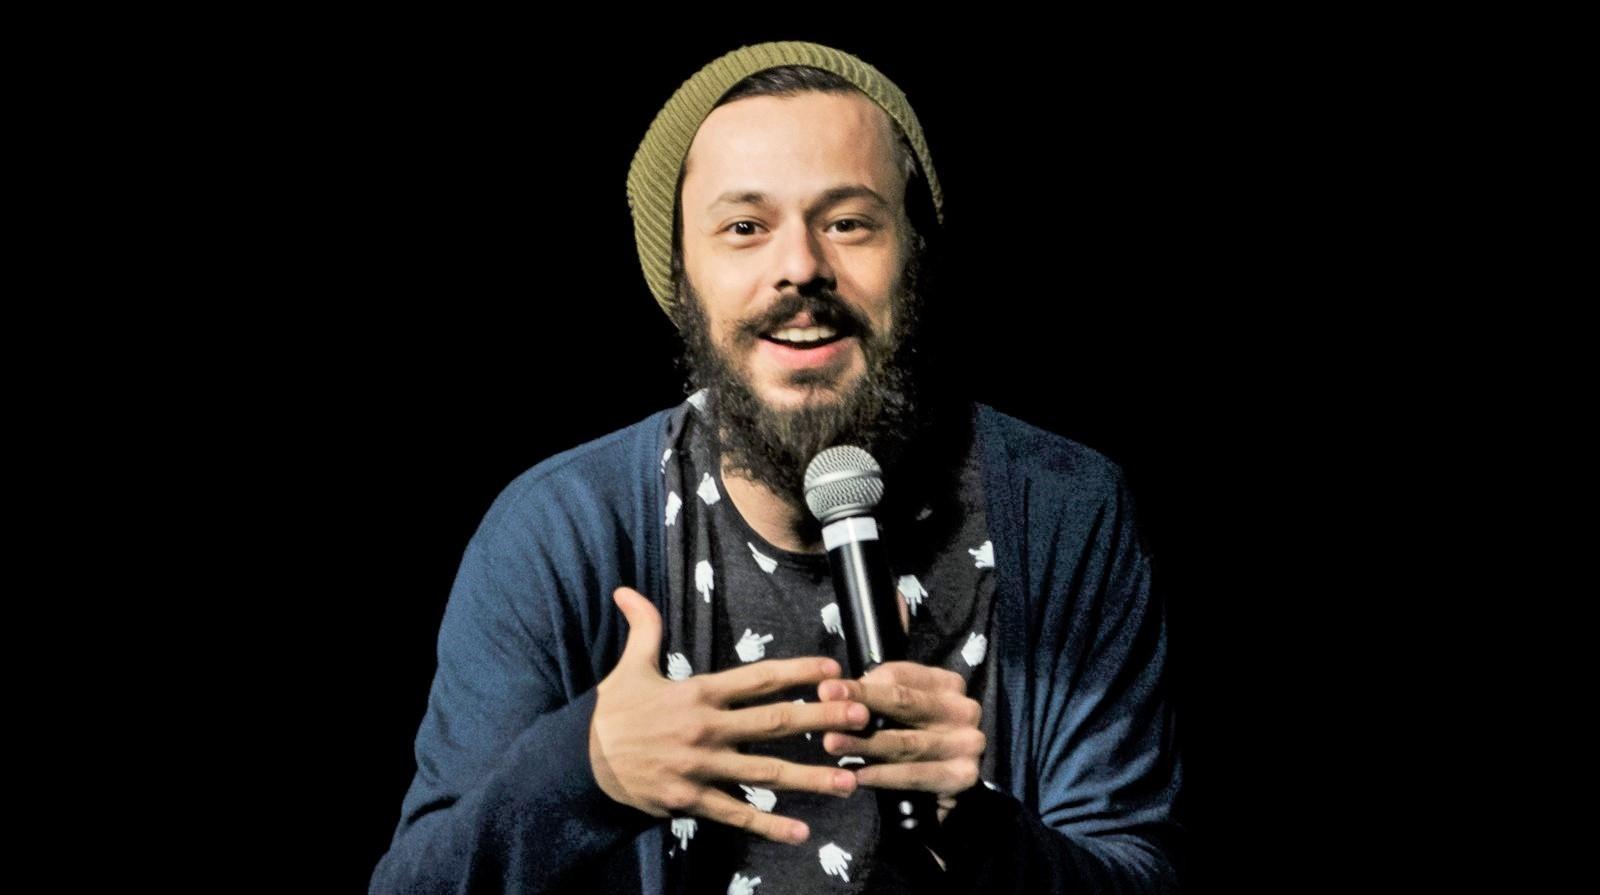 ffb8294d7 Humorista Nando Viana apresenta seu novo espetáculo em Goiânia - Goiânia